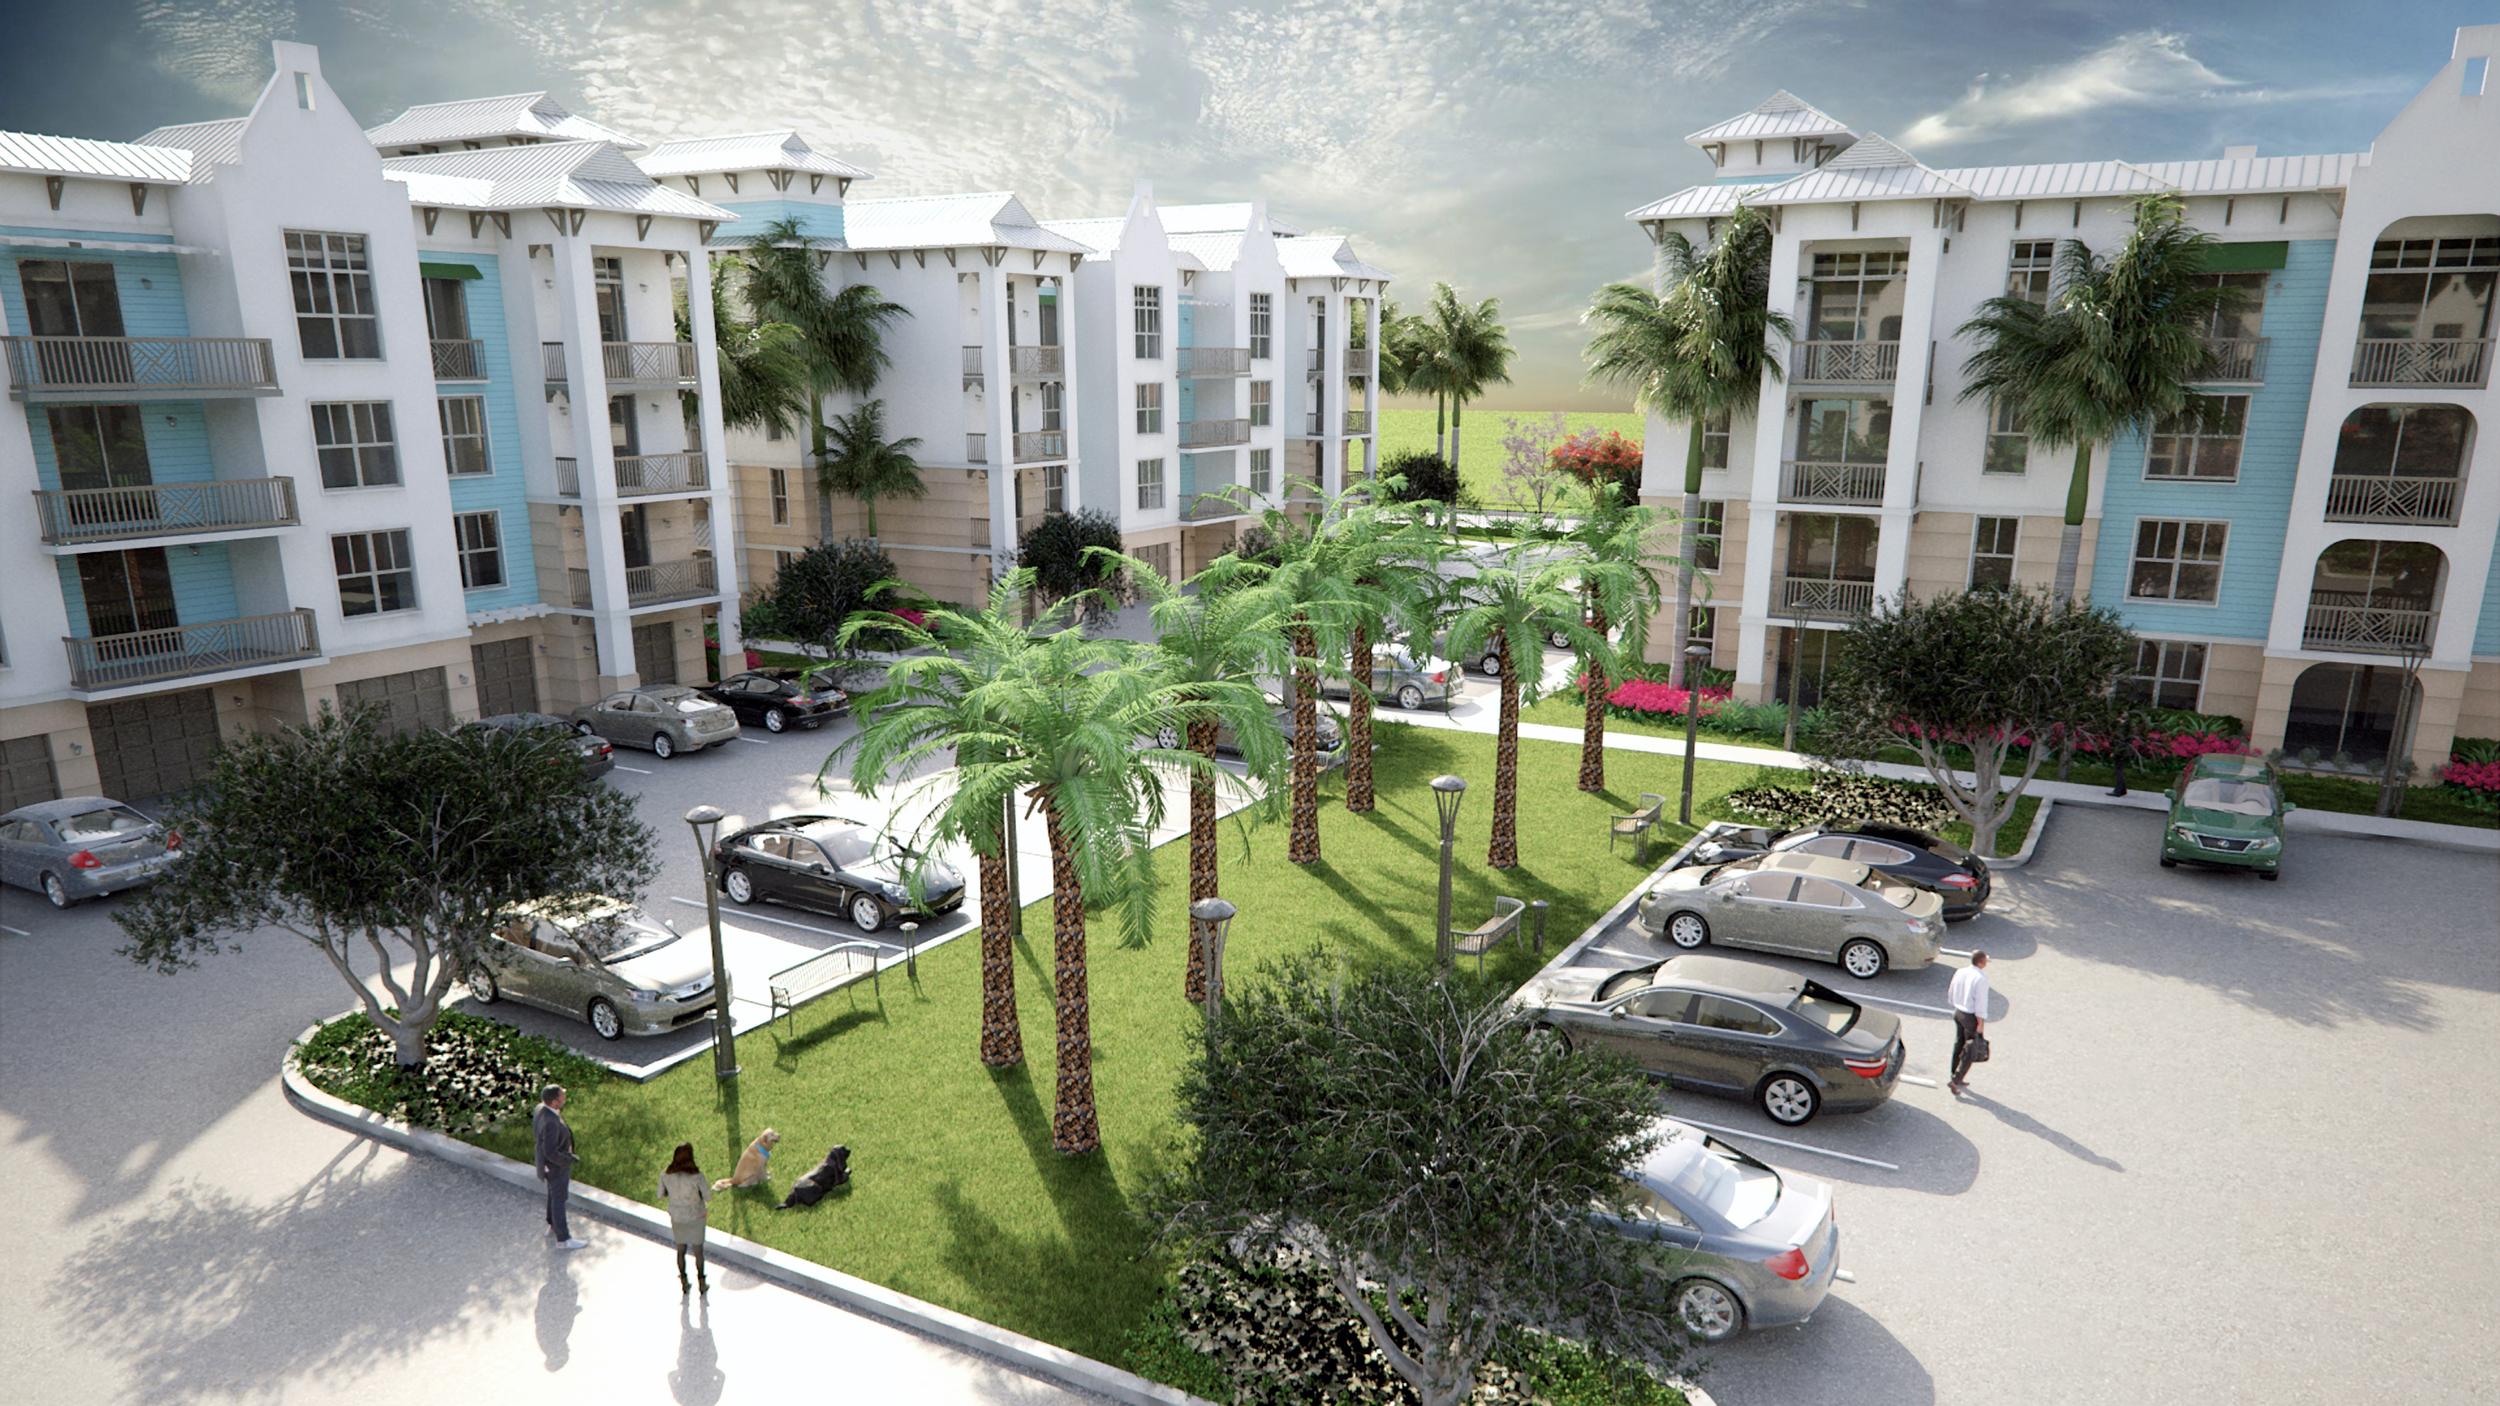 7-residential 2.jpg